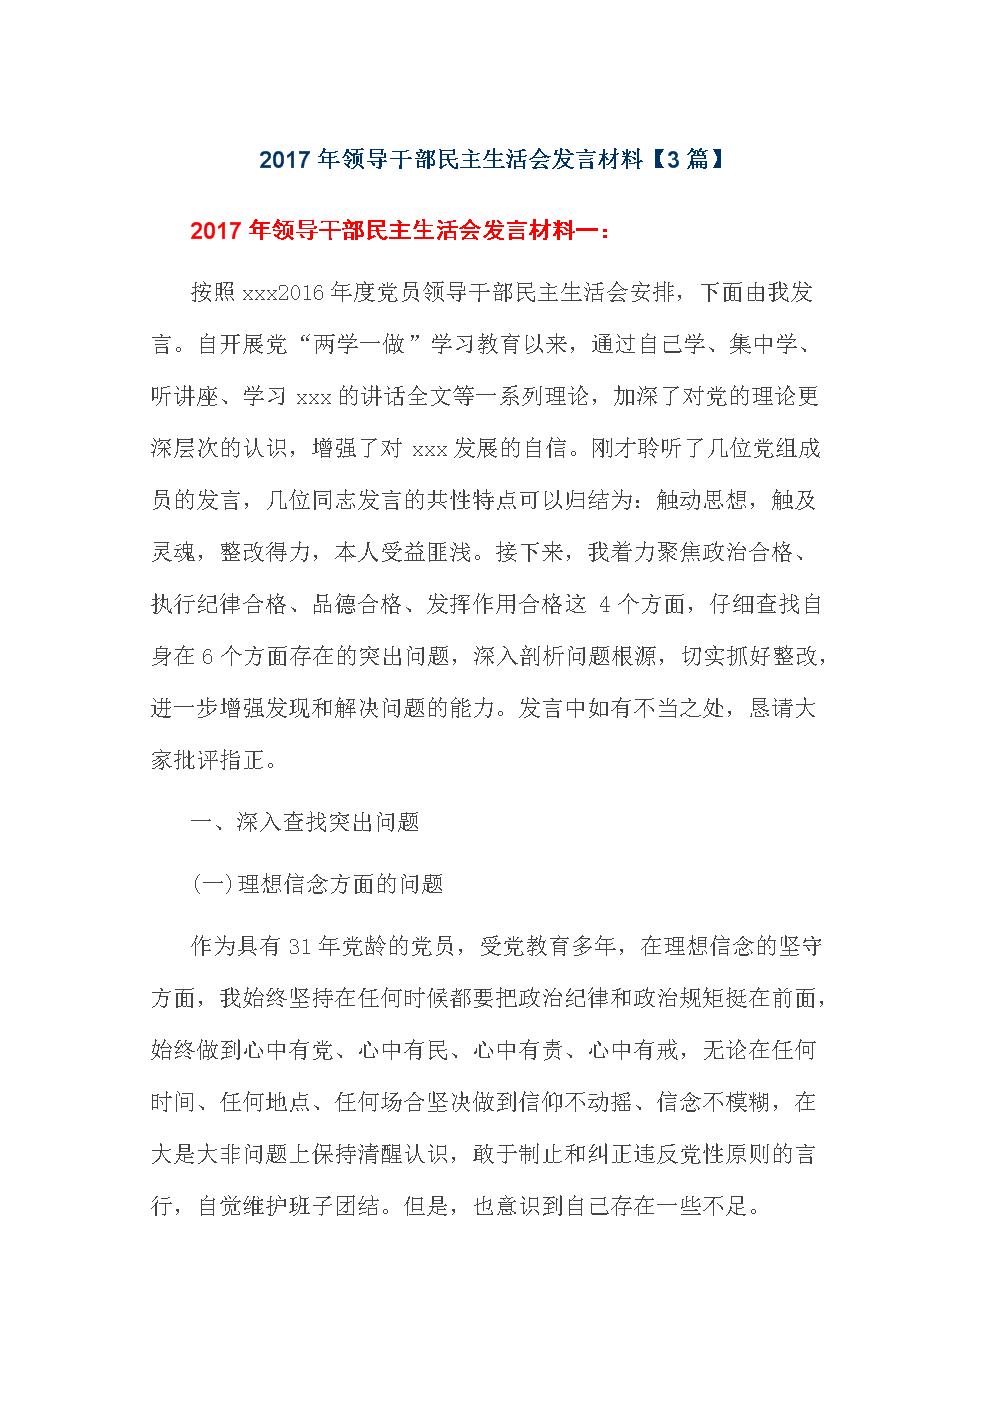 2017年领导干部民主生活会发言材料【3篇】.